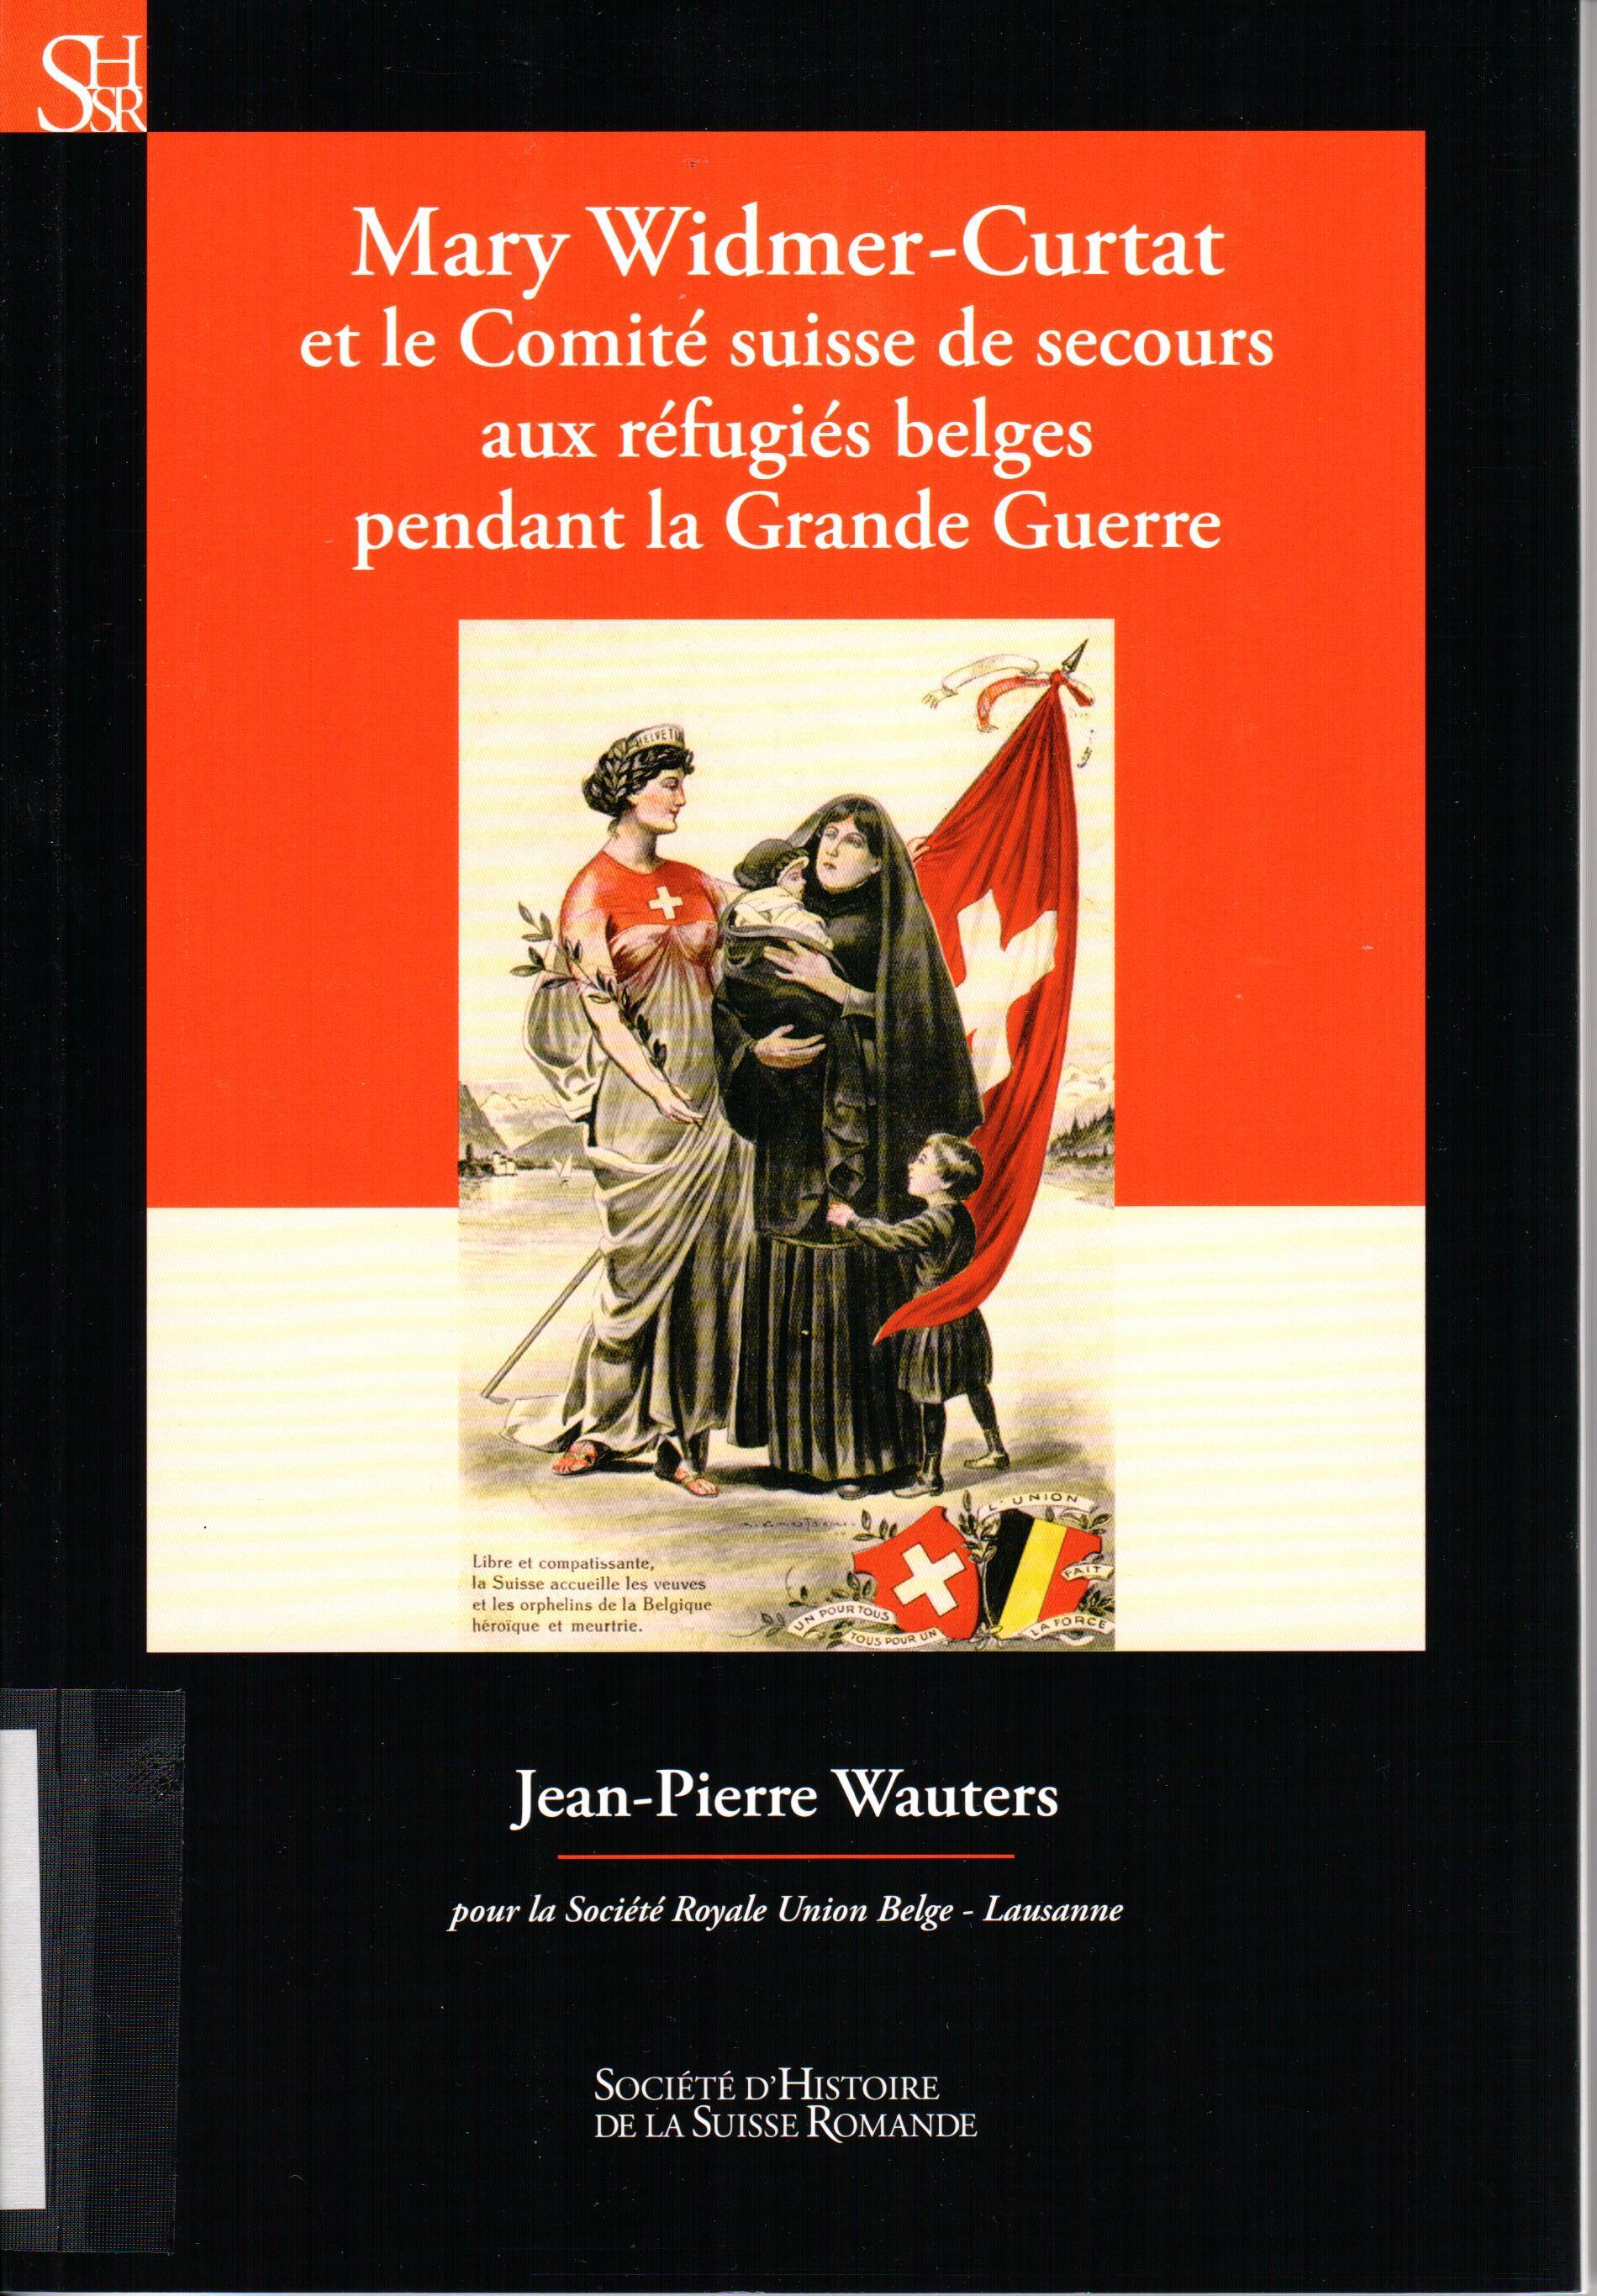 Mary Widmer-Curtat et le Comité suisse de secours aux réfugiés belges pendant la Grande Guerre